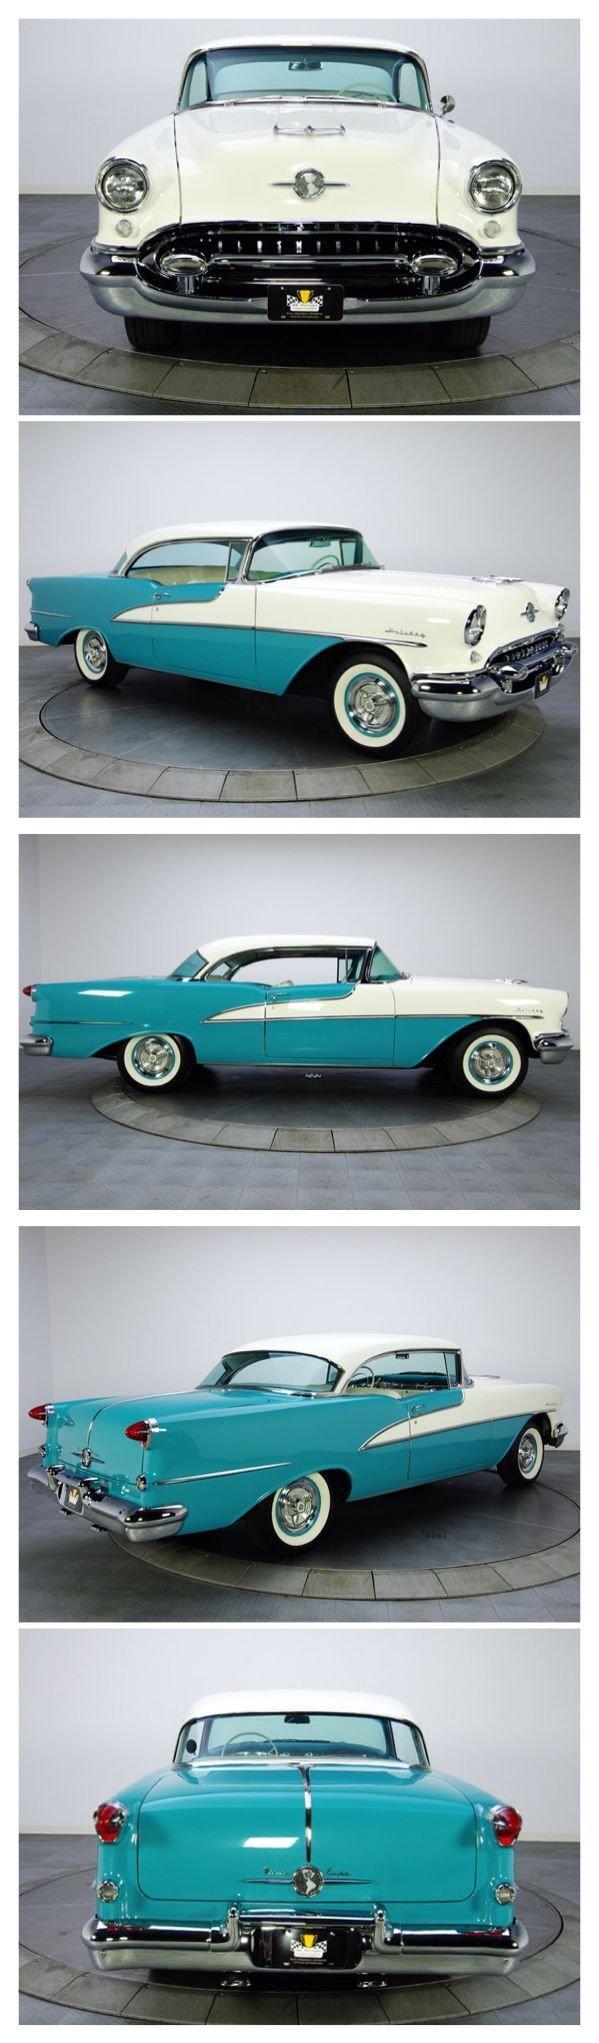 سيارة #Oldsmobile من عام ١٩٥١ #سيارات